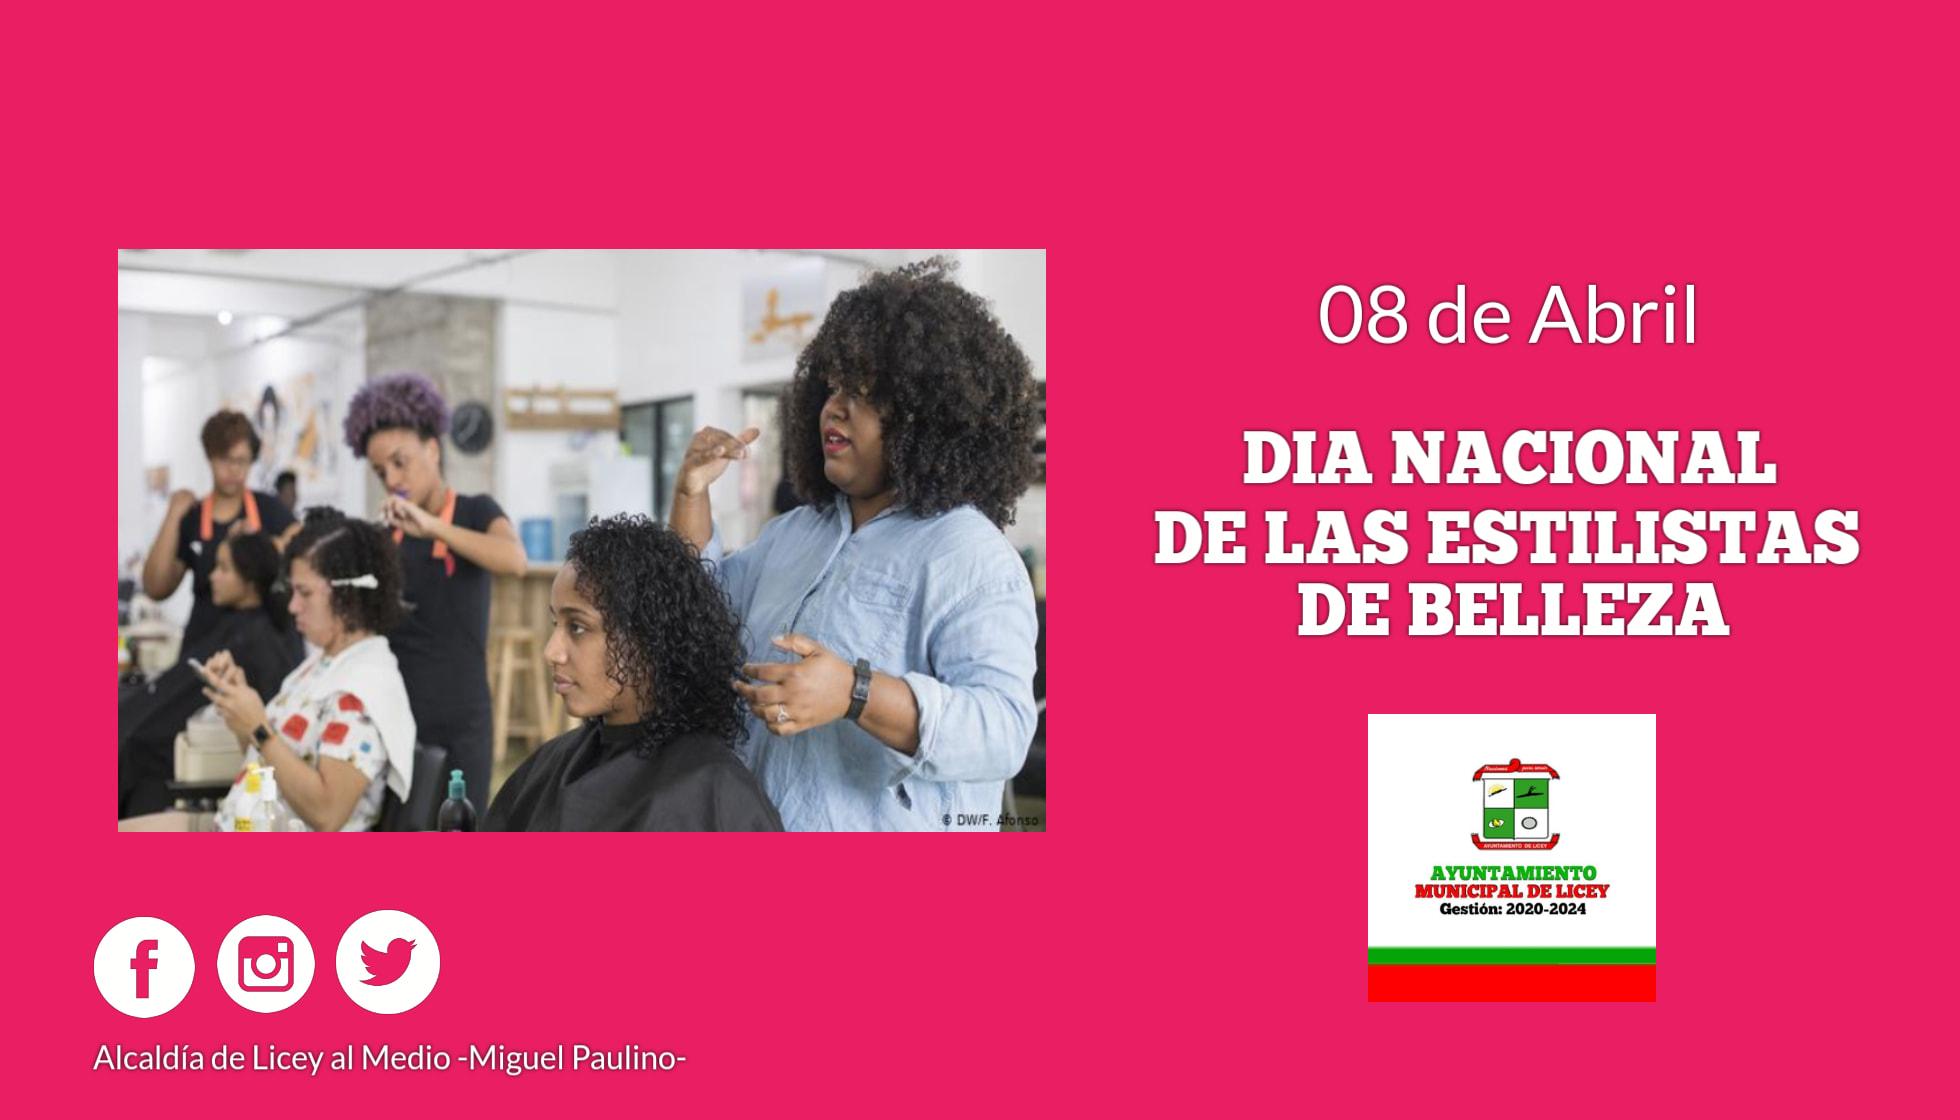 Día Nacional de las Estilistas de Belleza.